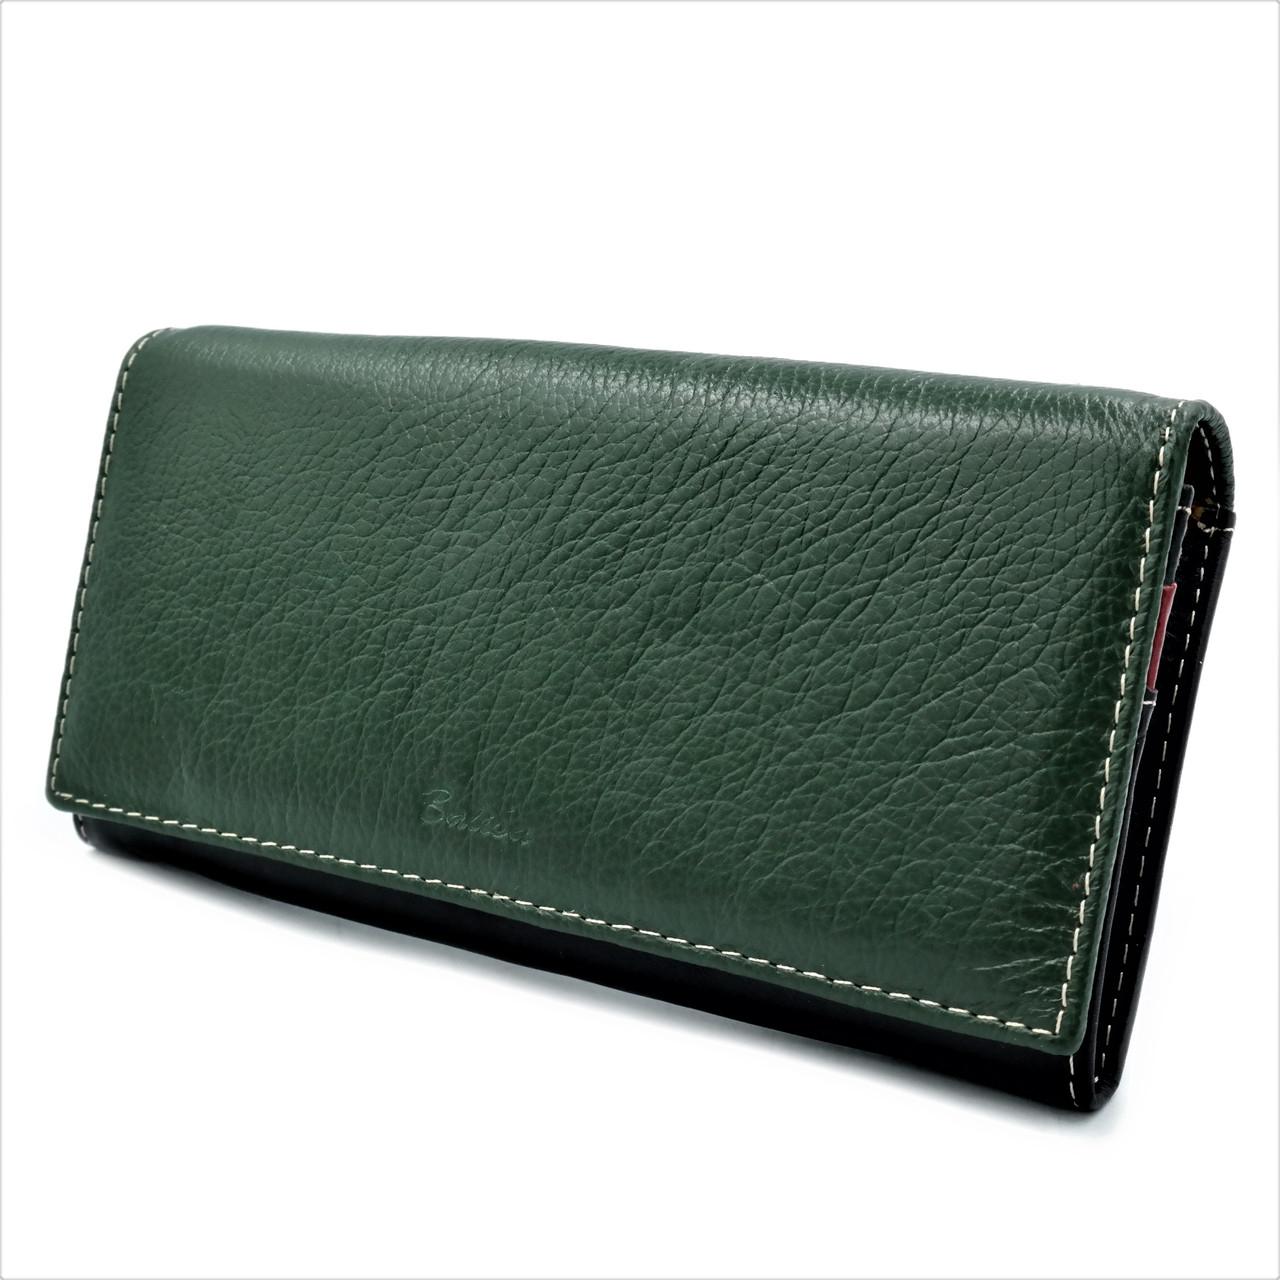 Женский кожаный кошелек Зелёный + Чёрный Удобный кошелек для девушки Женский кошелек портмоне из кожи